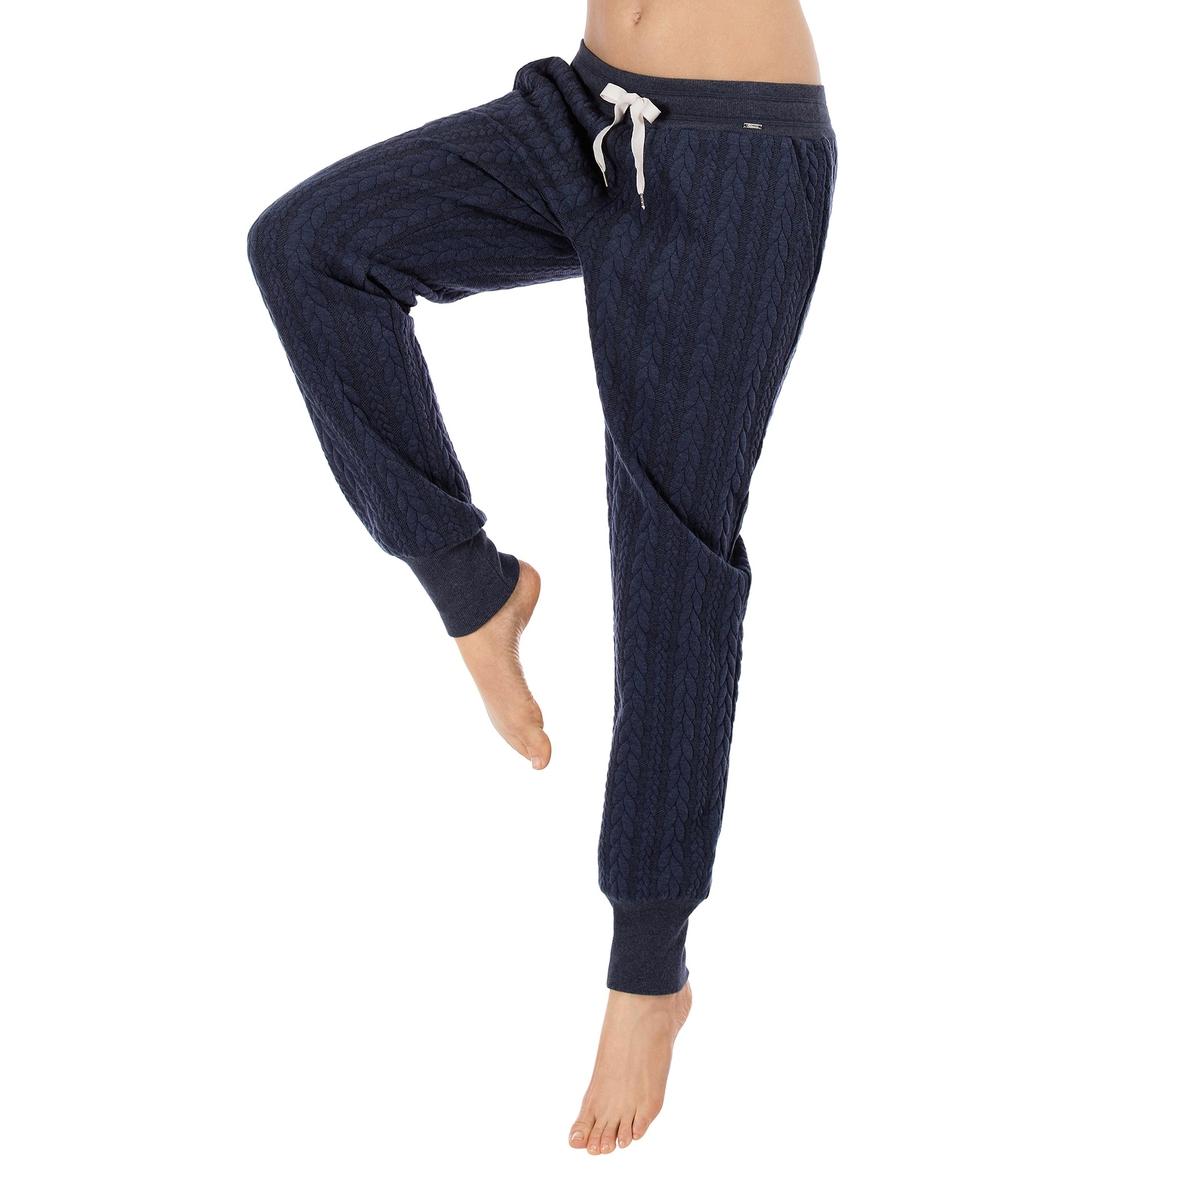 Брюки пижамные LougewearБрюки пижамные Lougewear от Skinny. Прямой, очень комфортный покрой в стиле спортивных брюк, присборенный низ на широкой резинке.  Эластичный пояс с лентой. Пижамные брюки, в которых так приятно находиться у себя дома. Состав и детали :Материал : 100% полиэстер Марка : SkinnyУход :Ручная стирка при 30°.Машинная сушка запрещена.Не гладить.<br><br>Цвет: темно-синий<br>Размер: 42 (FR) - 48 (RUS)